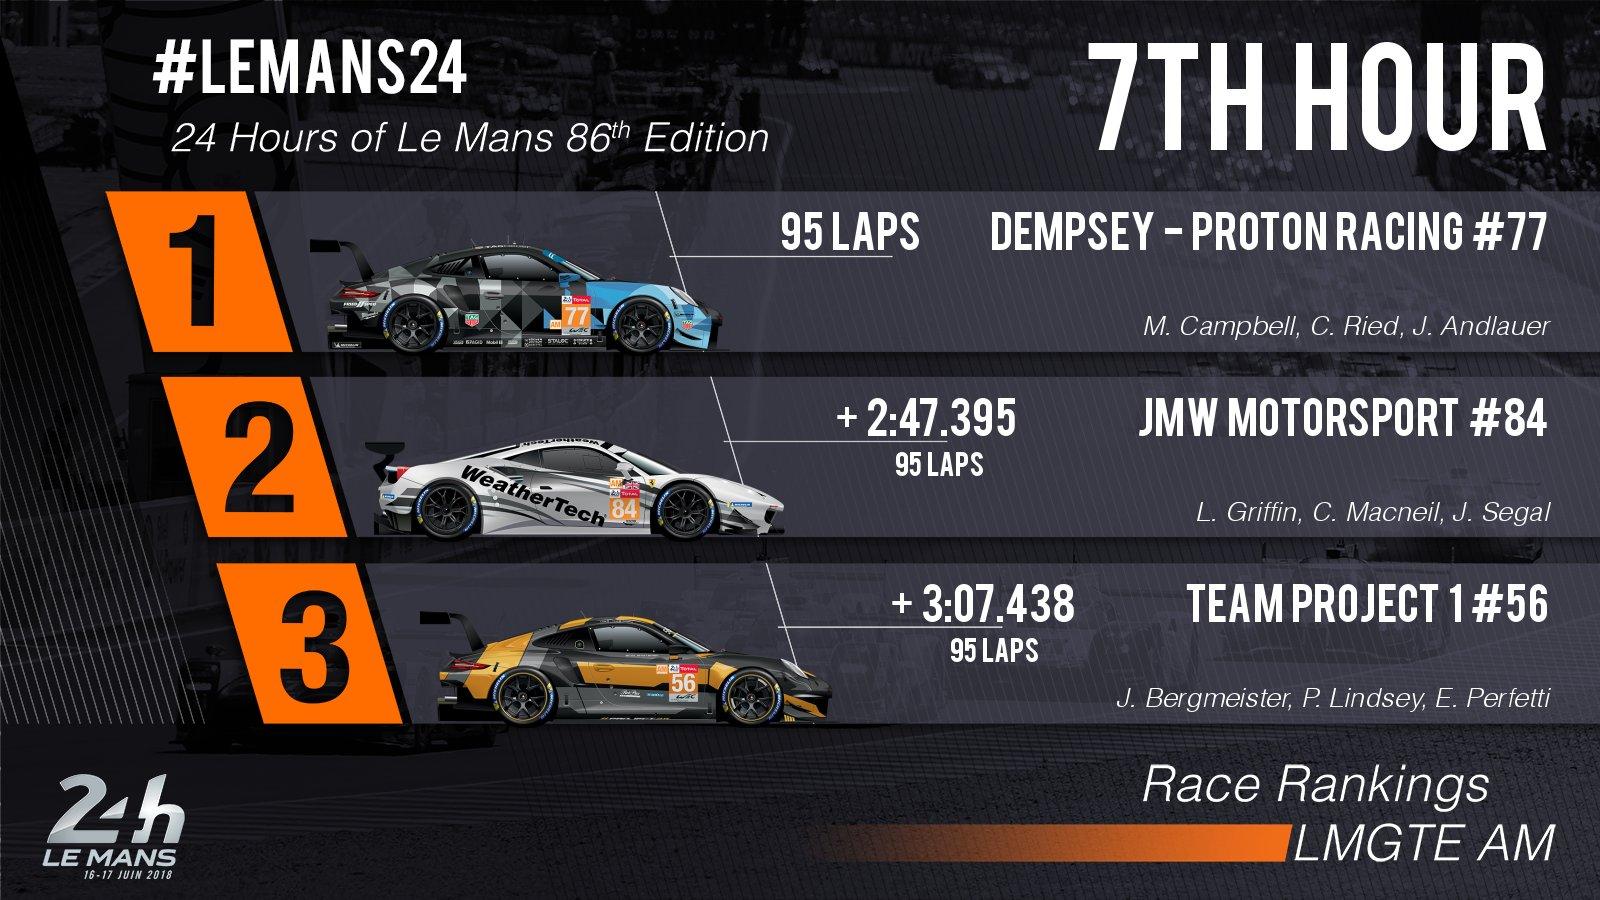 24 Horas de Le Mans 2018 - Página 3 Df1pYyYW0AAMQPl